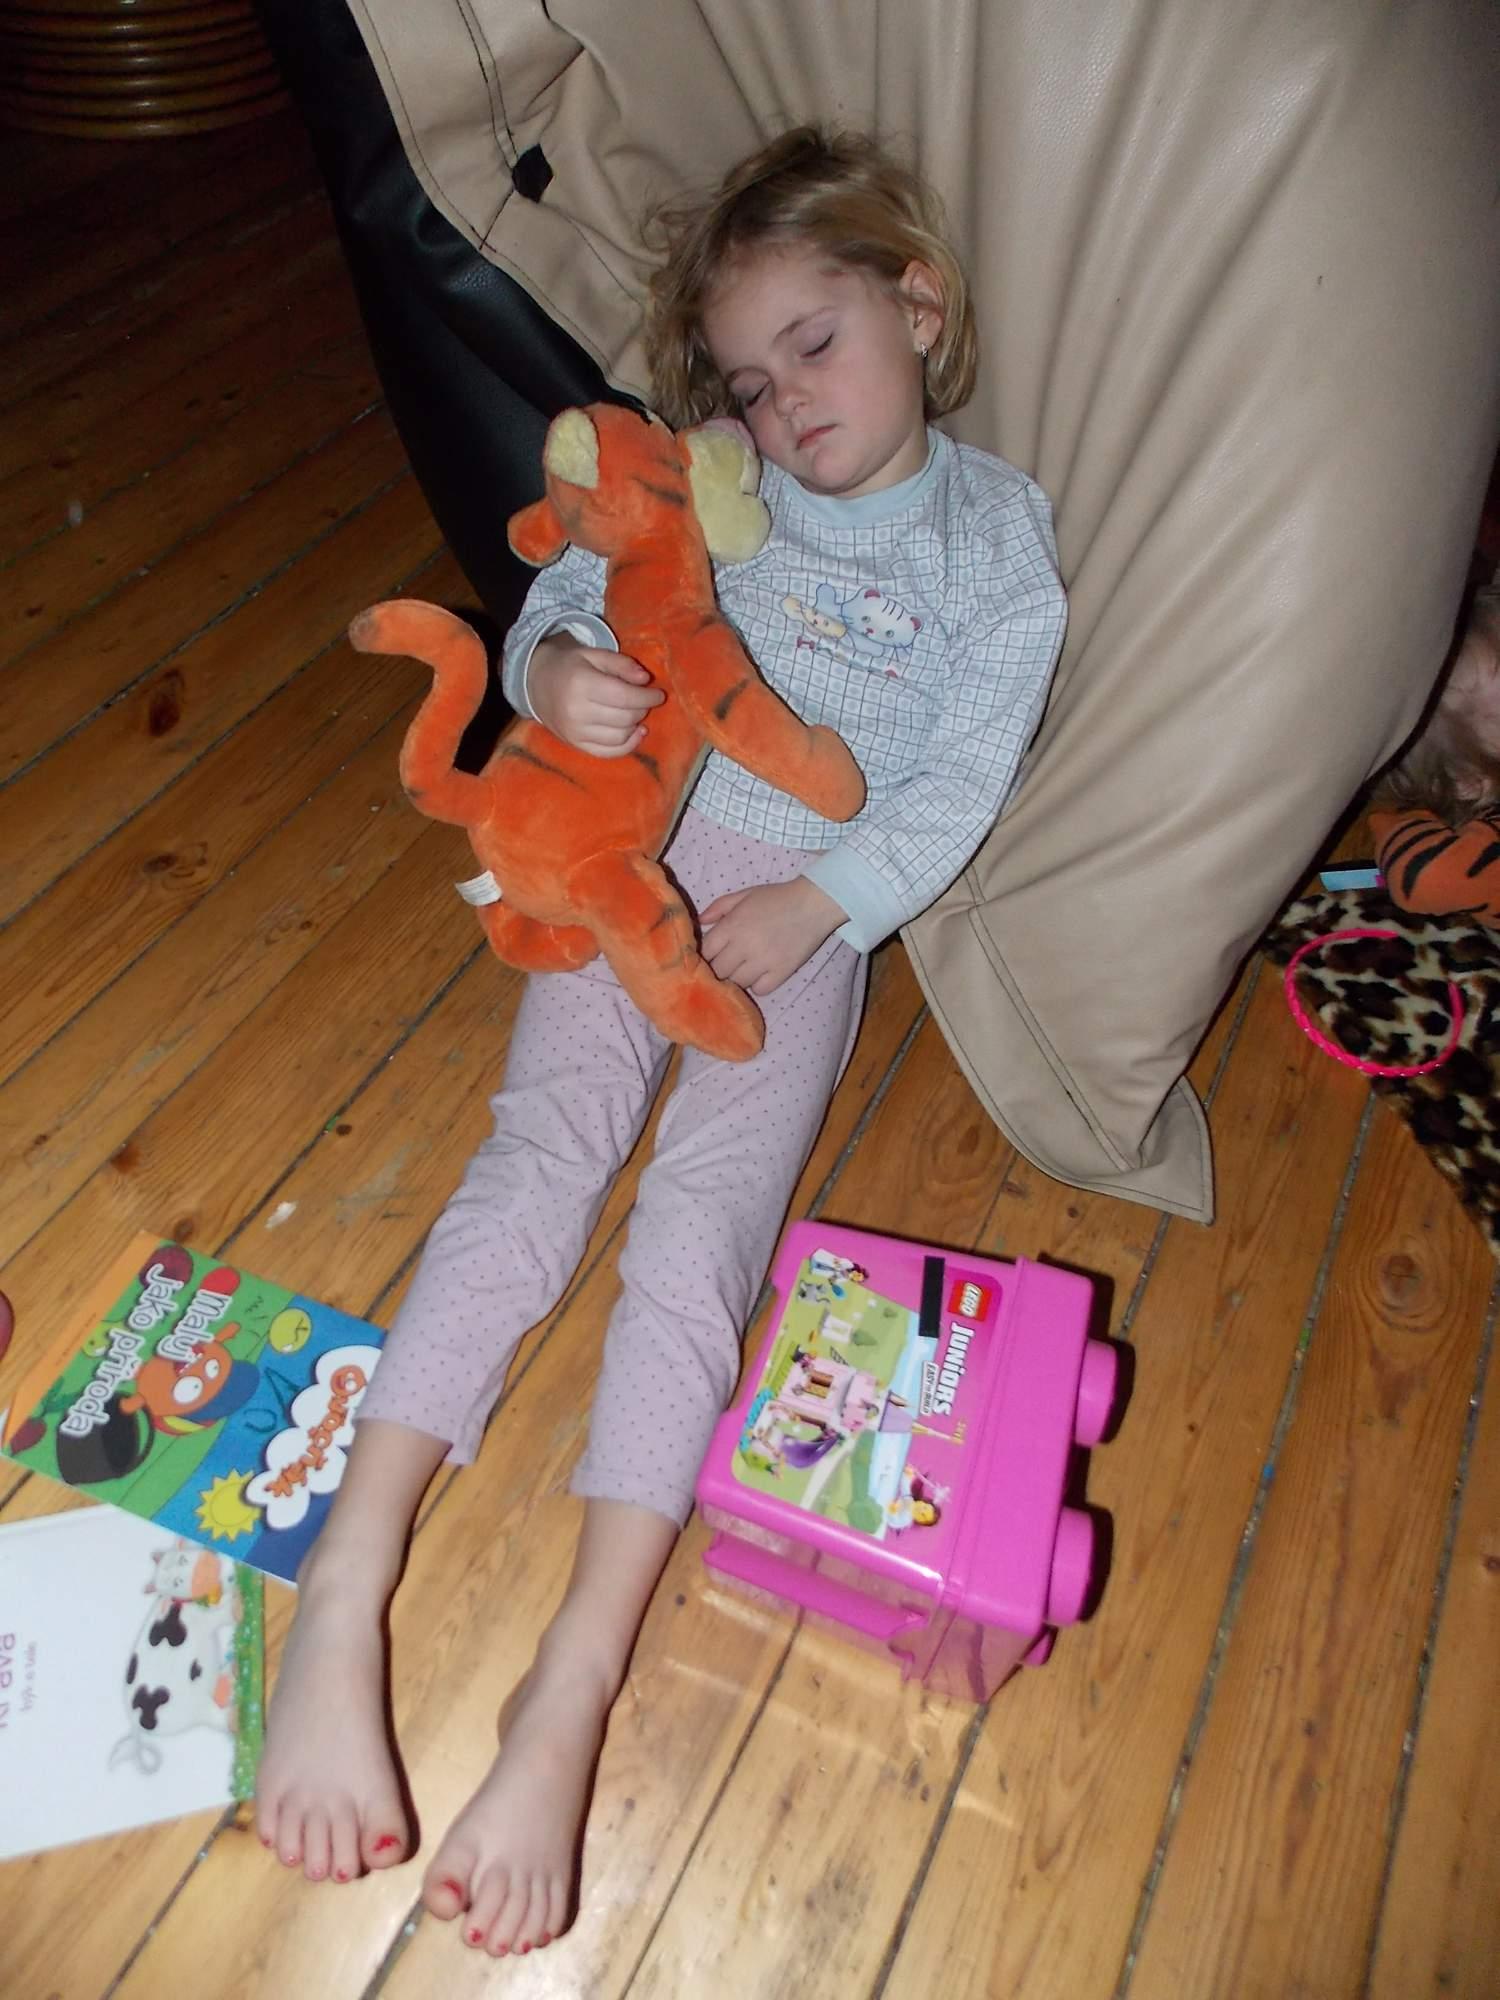 nackt favdolls [[[[[[[[[[[ Спящие дети это не только мило, но и наконец-то